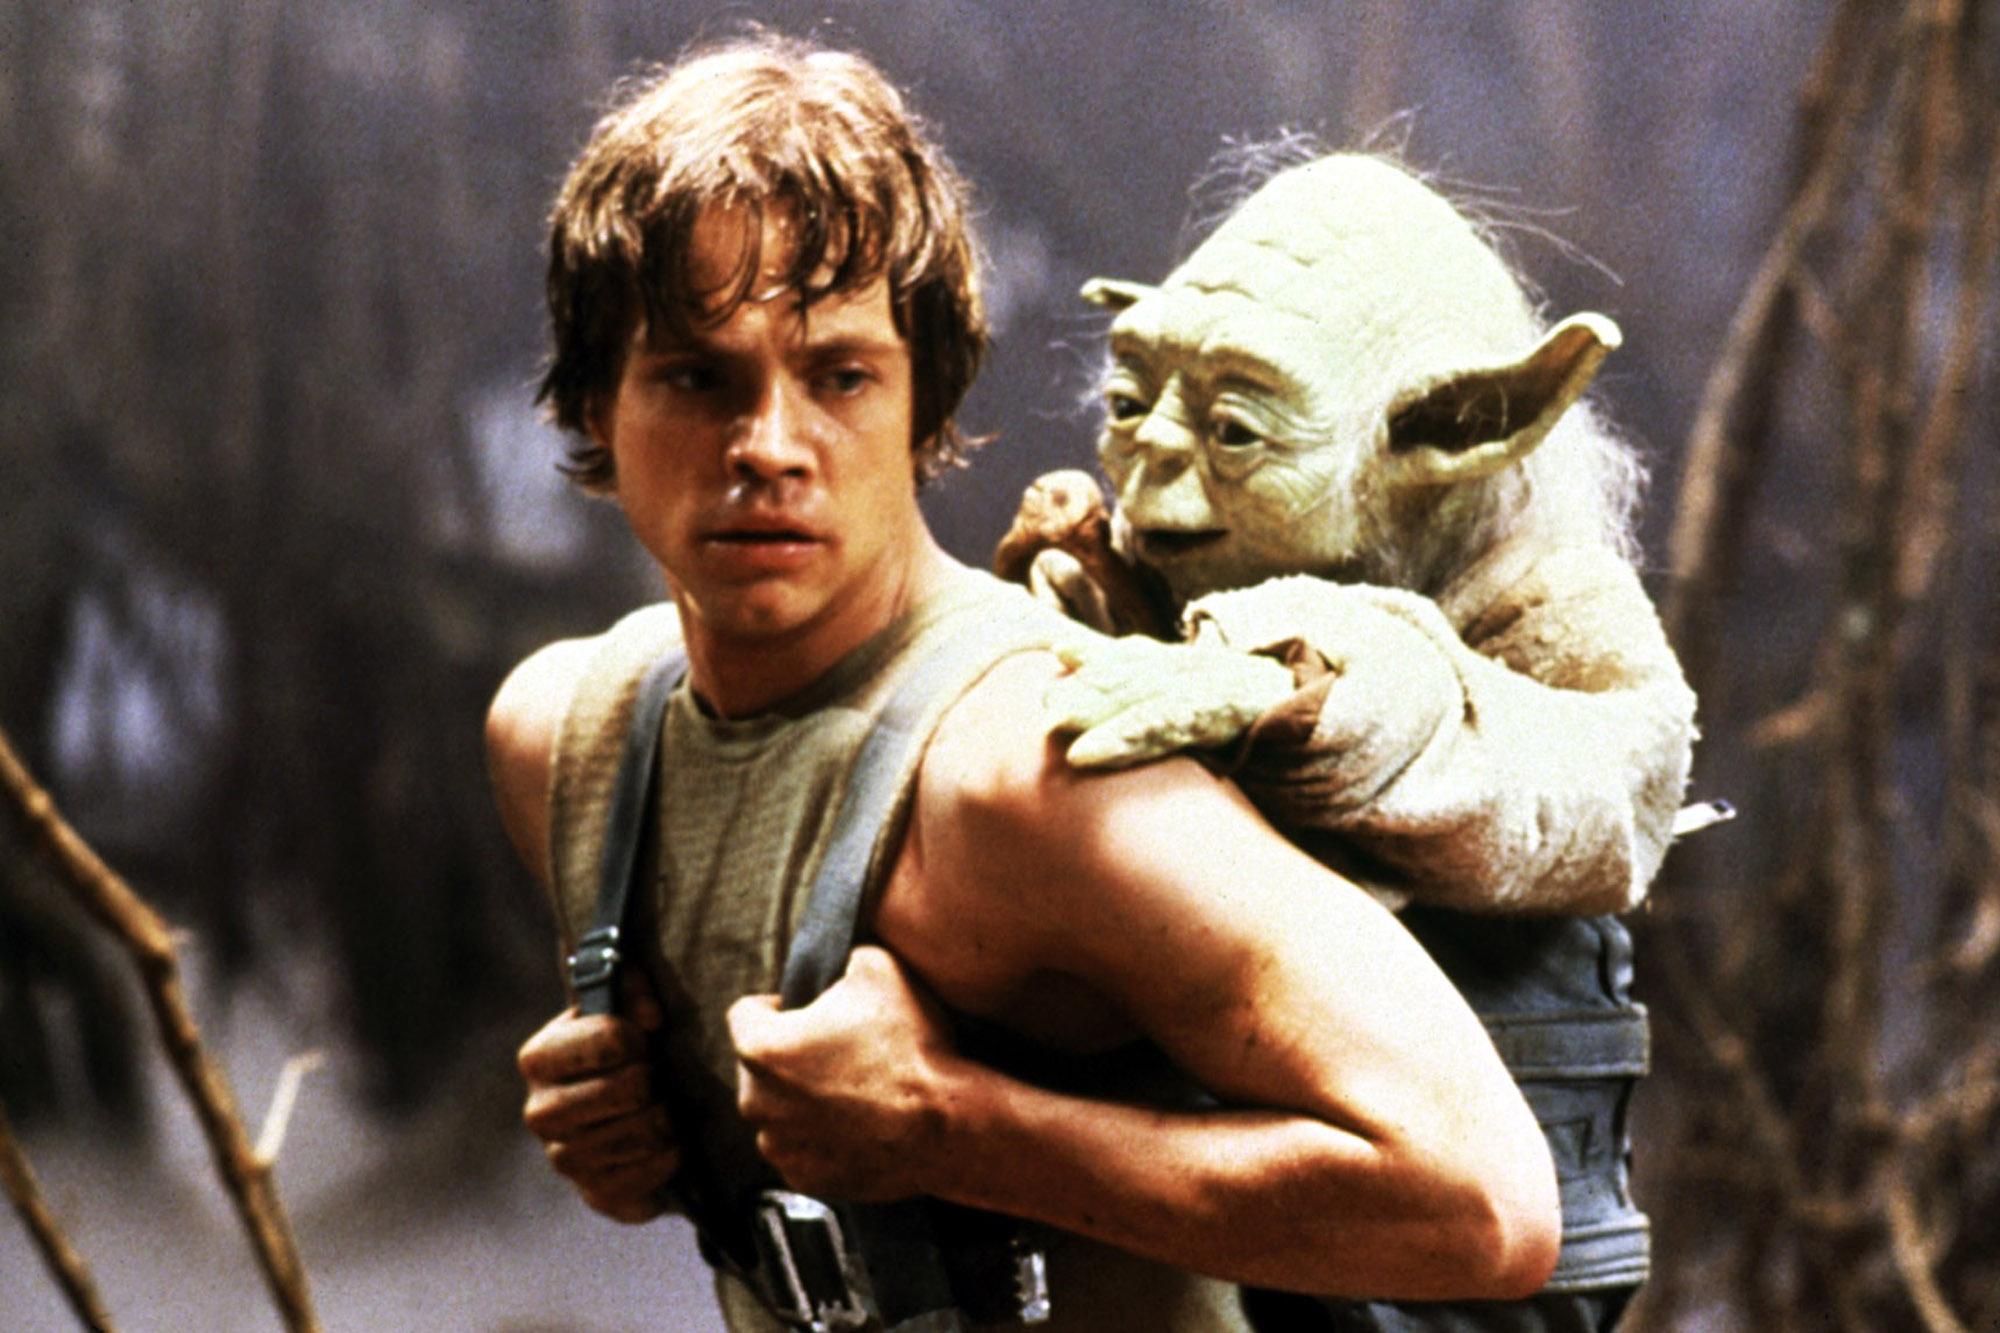 Luke com o Yoda em versão boneco